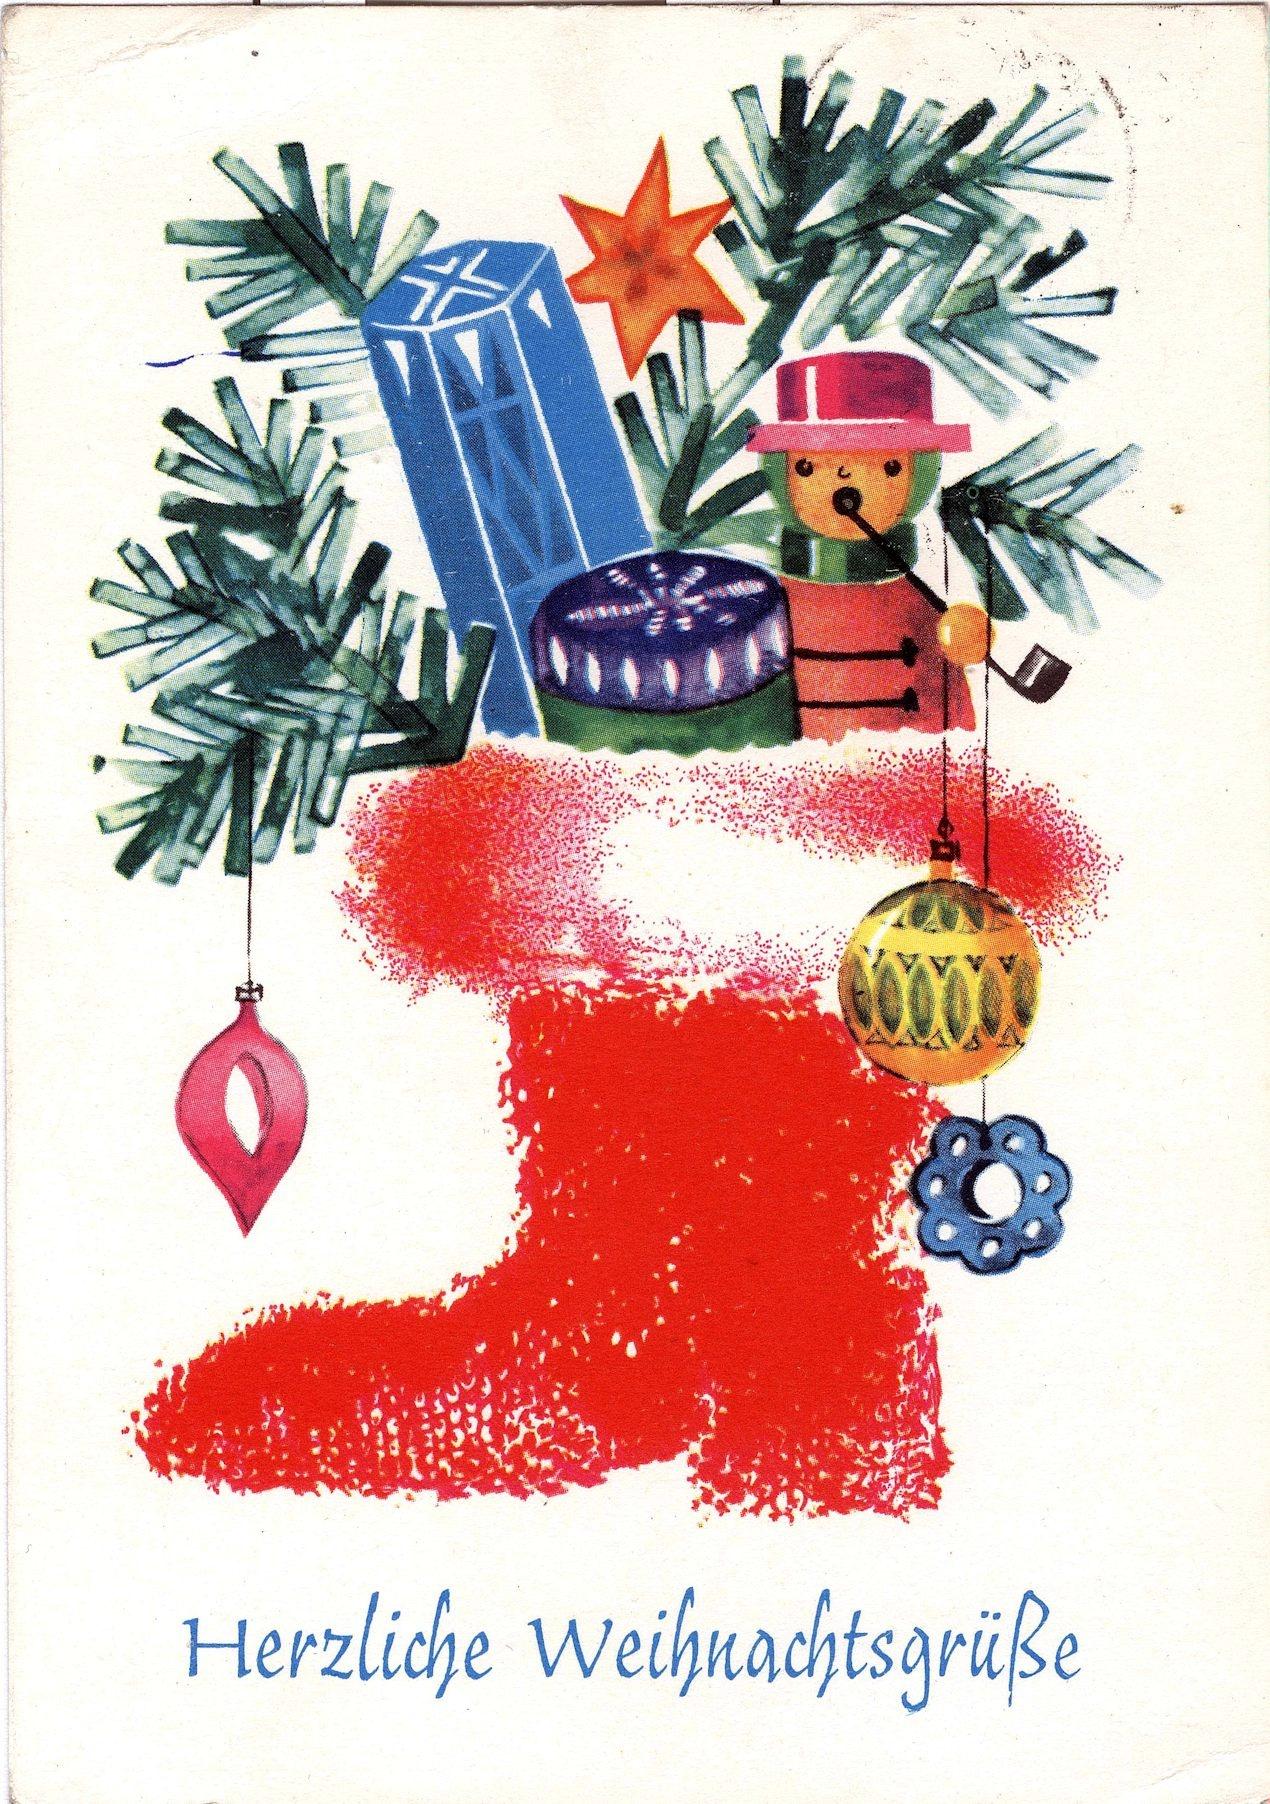 Herzliche Weihnachtswünsche.Postkarte Herzliche Weihnachtsgrüße Ddr Museum Weißenfels